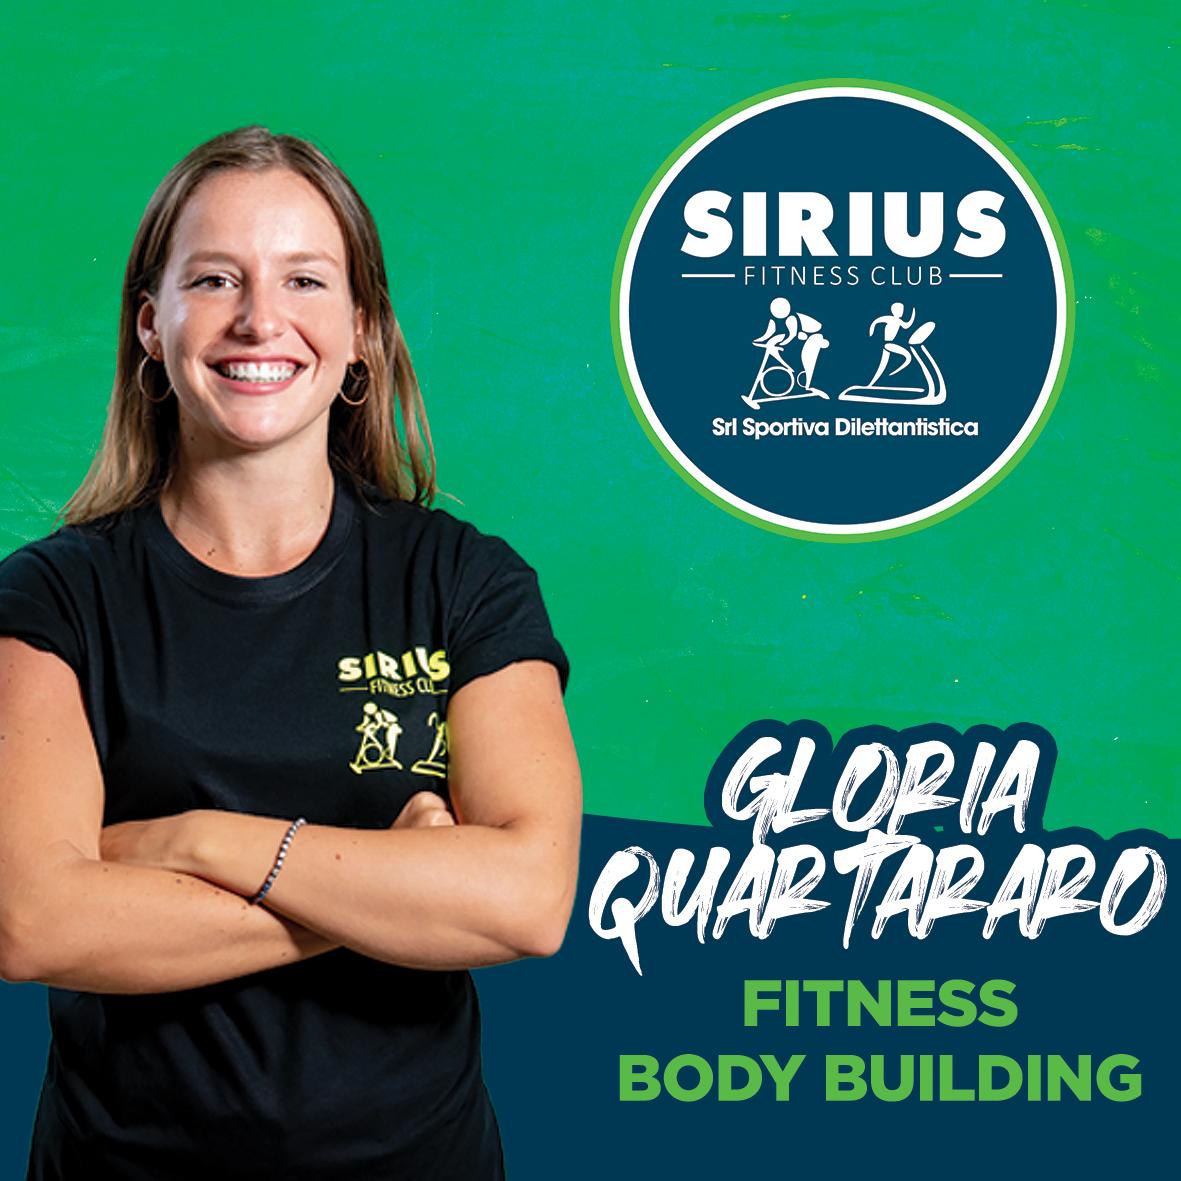 istruttrice di fitness e body building